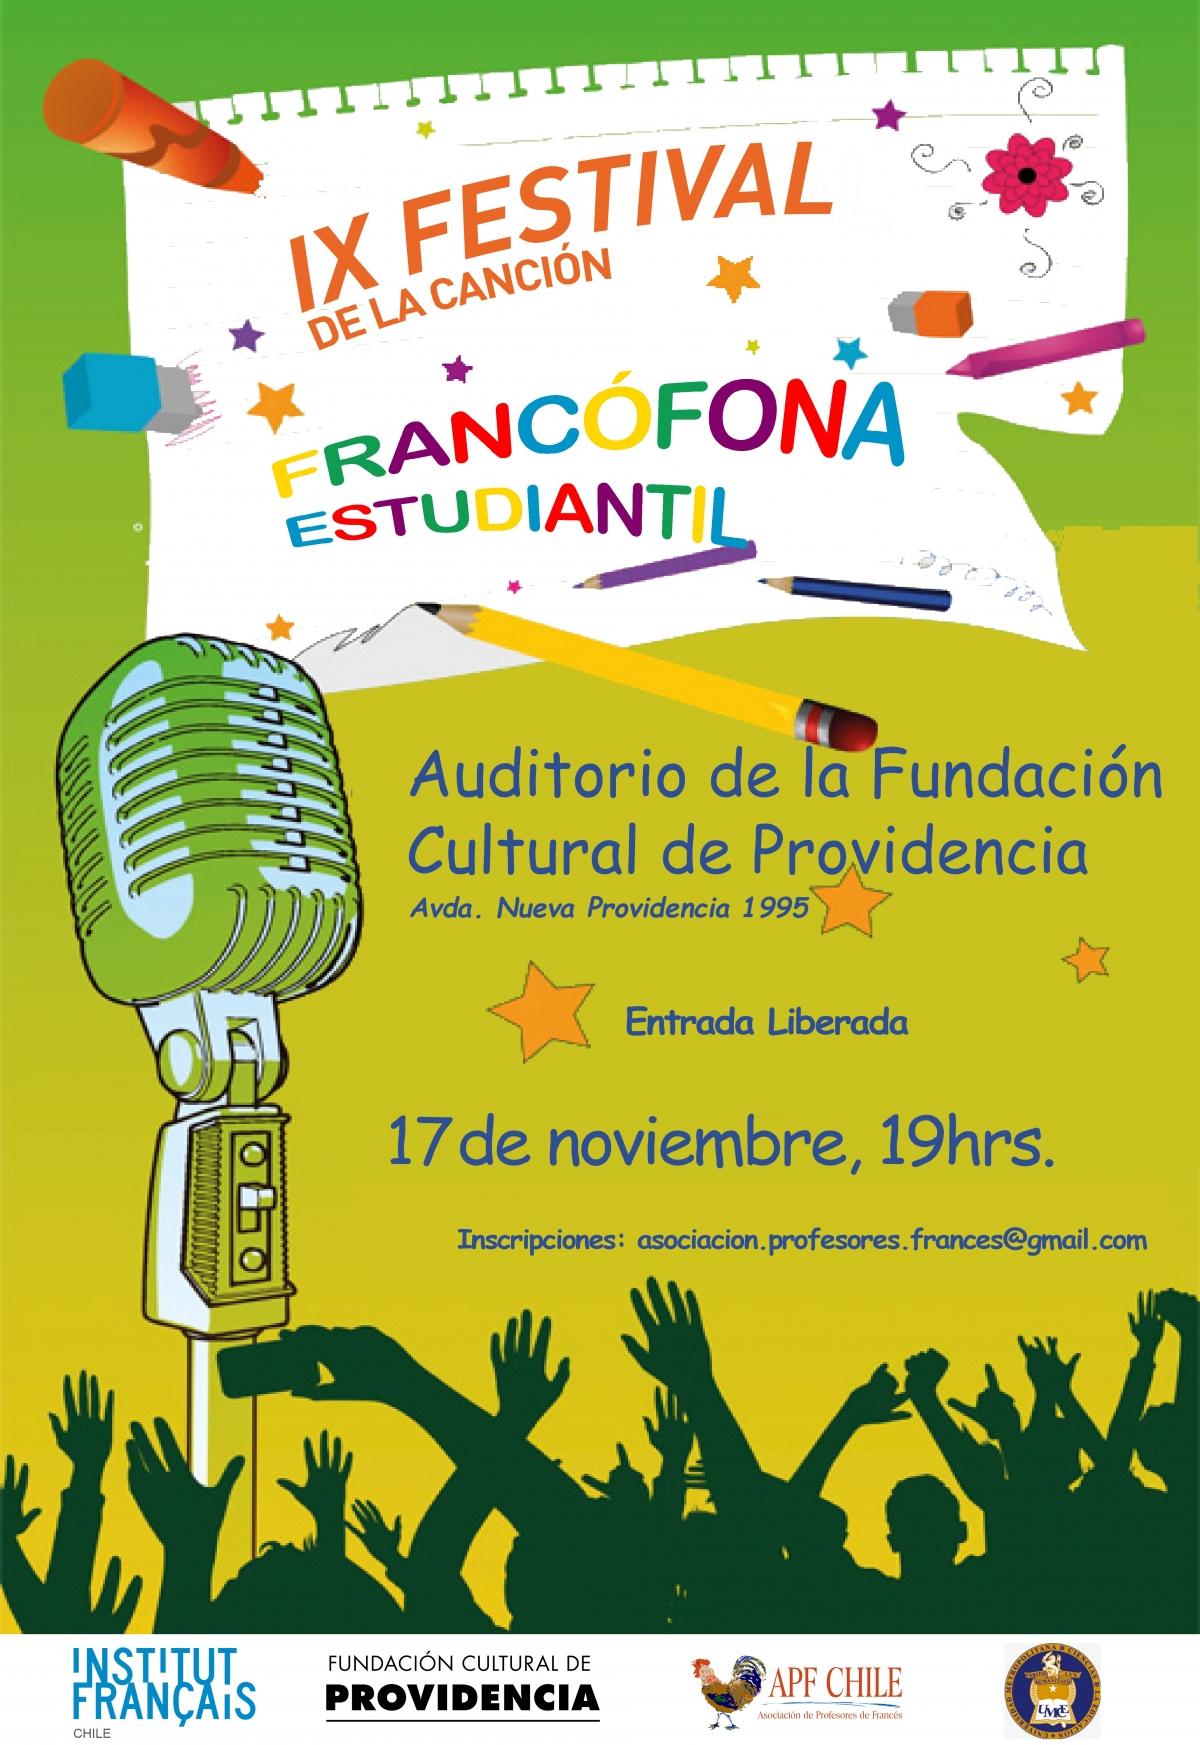 17afiche FESTIVAL DE LA CANCION